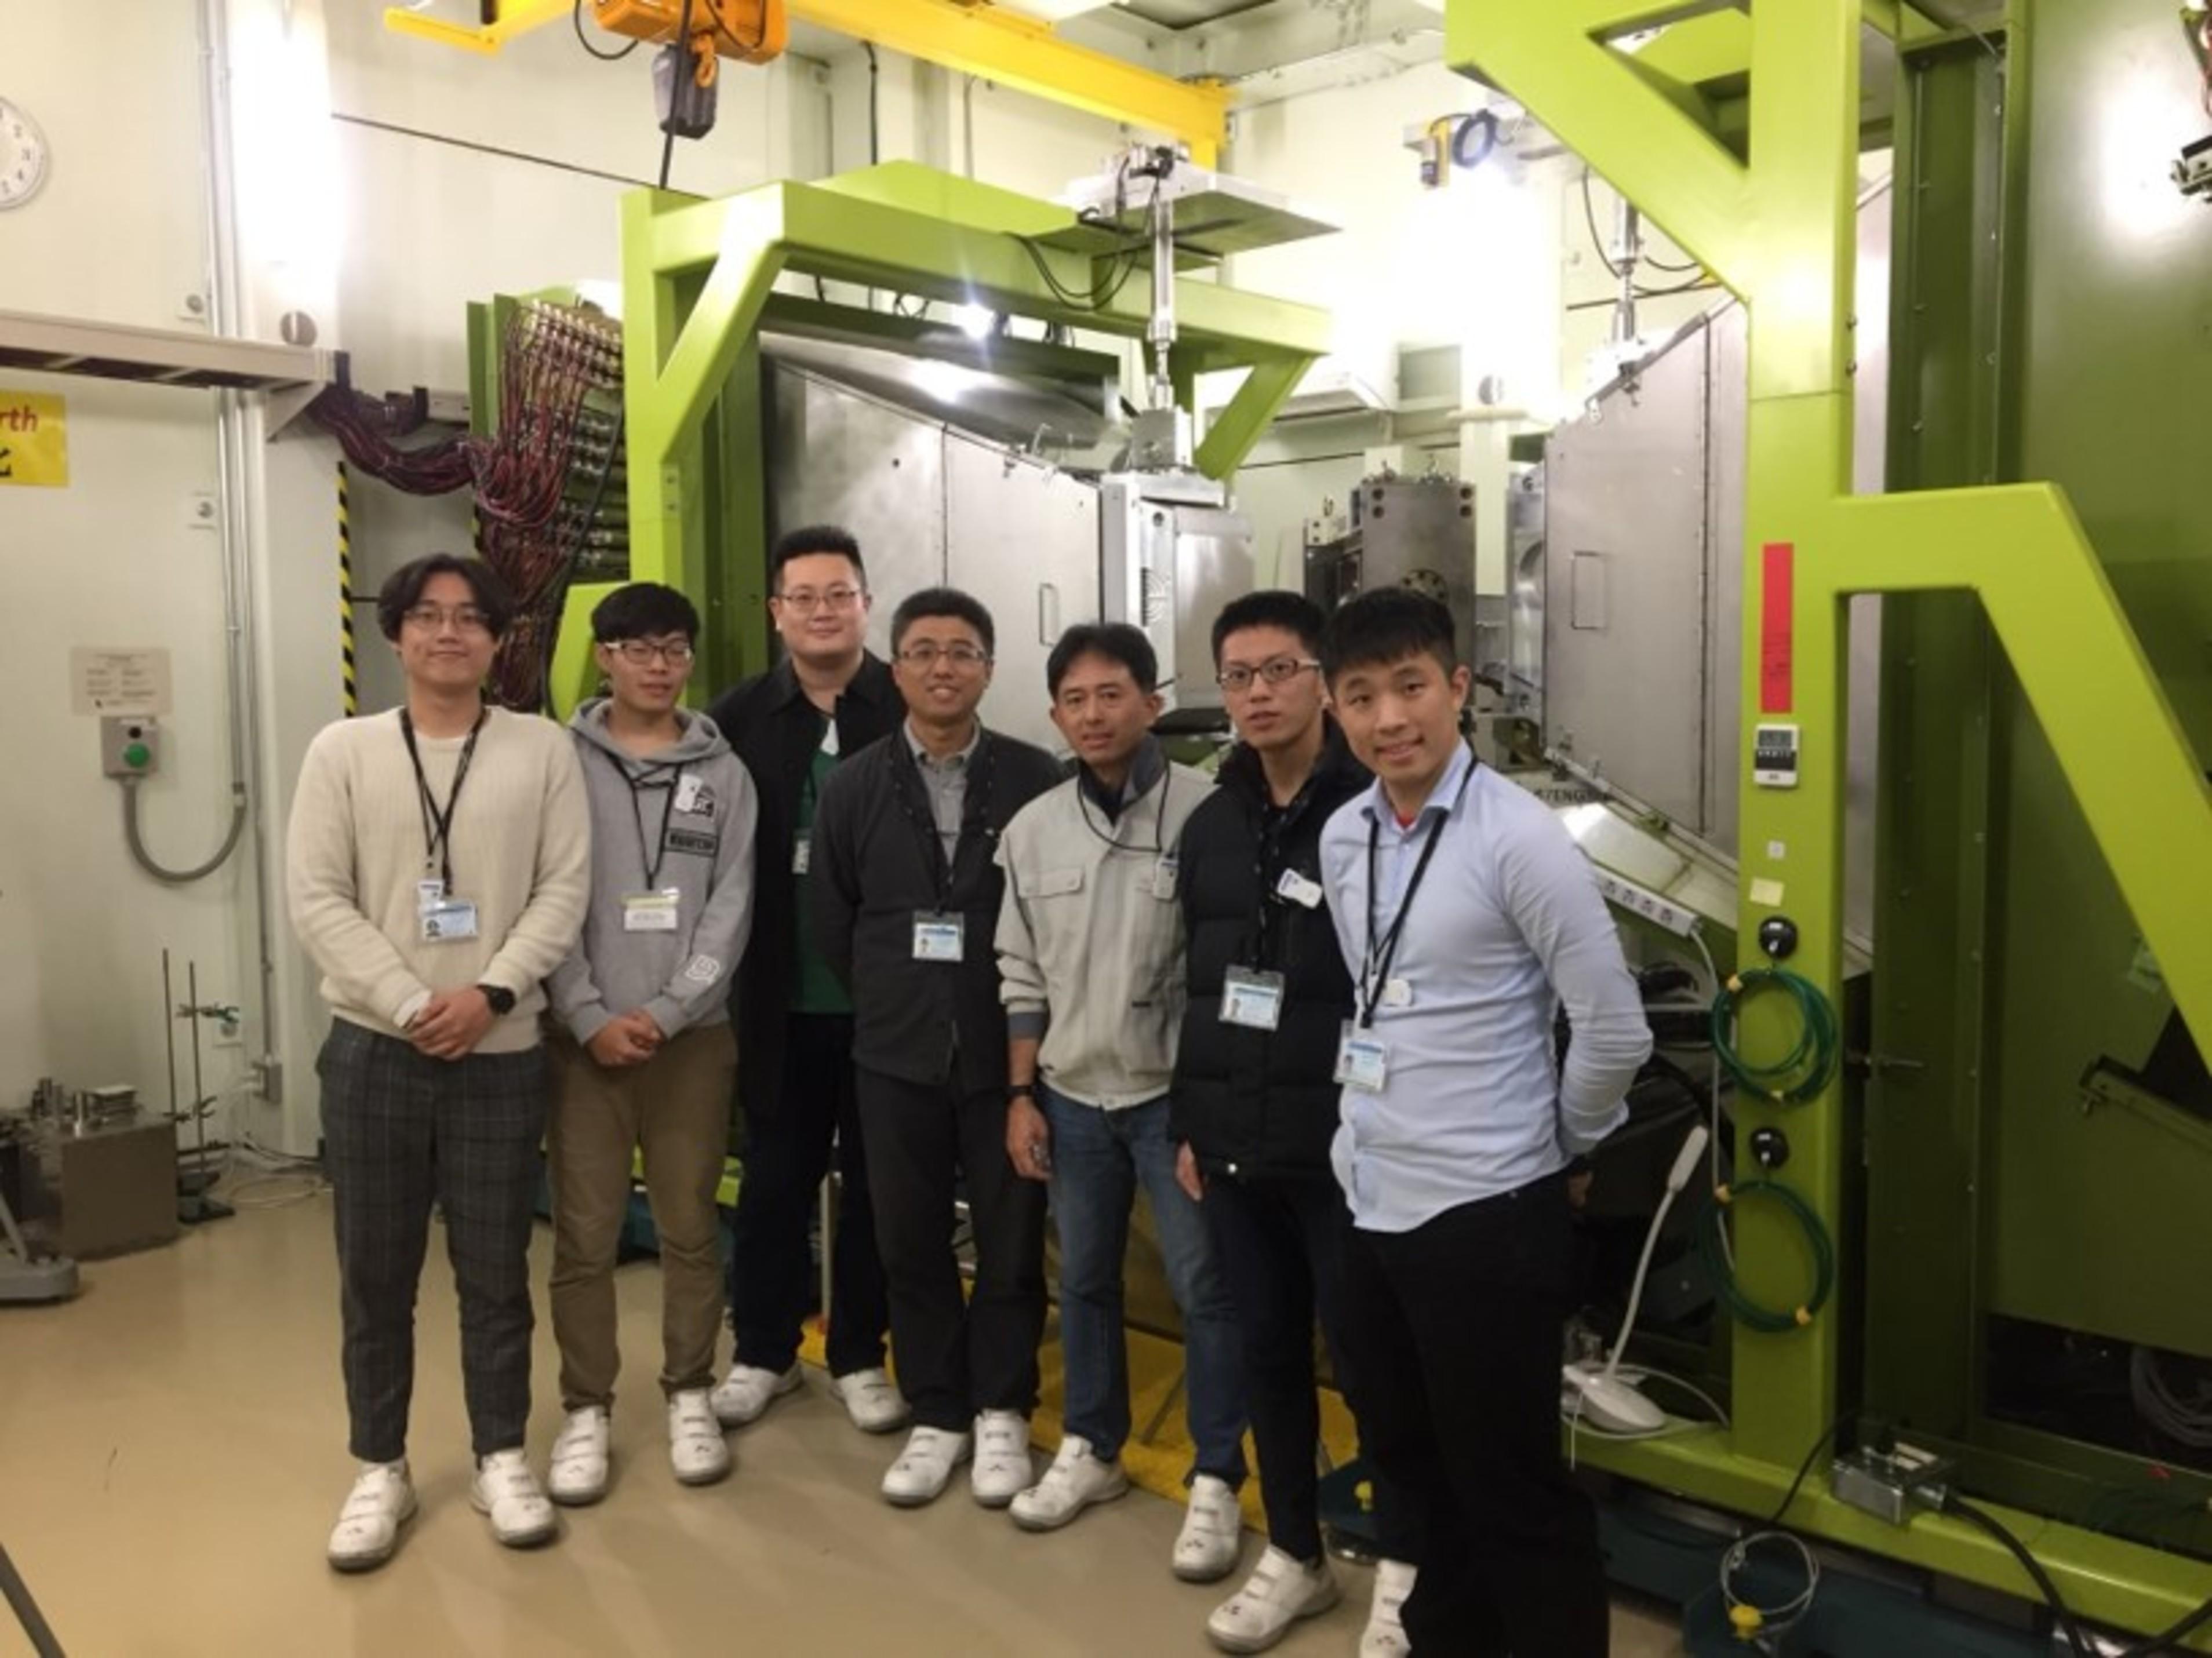 即時疲勞性質研究@日本J-PARC國家實驗室